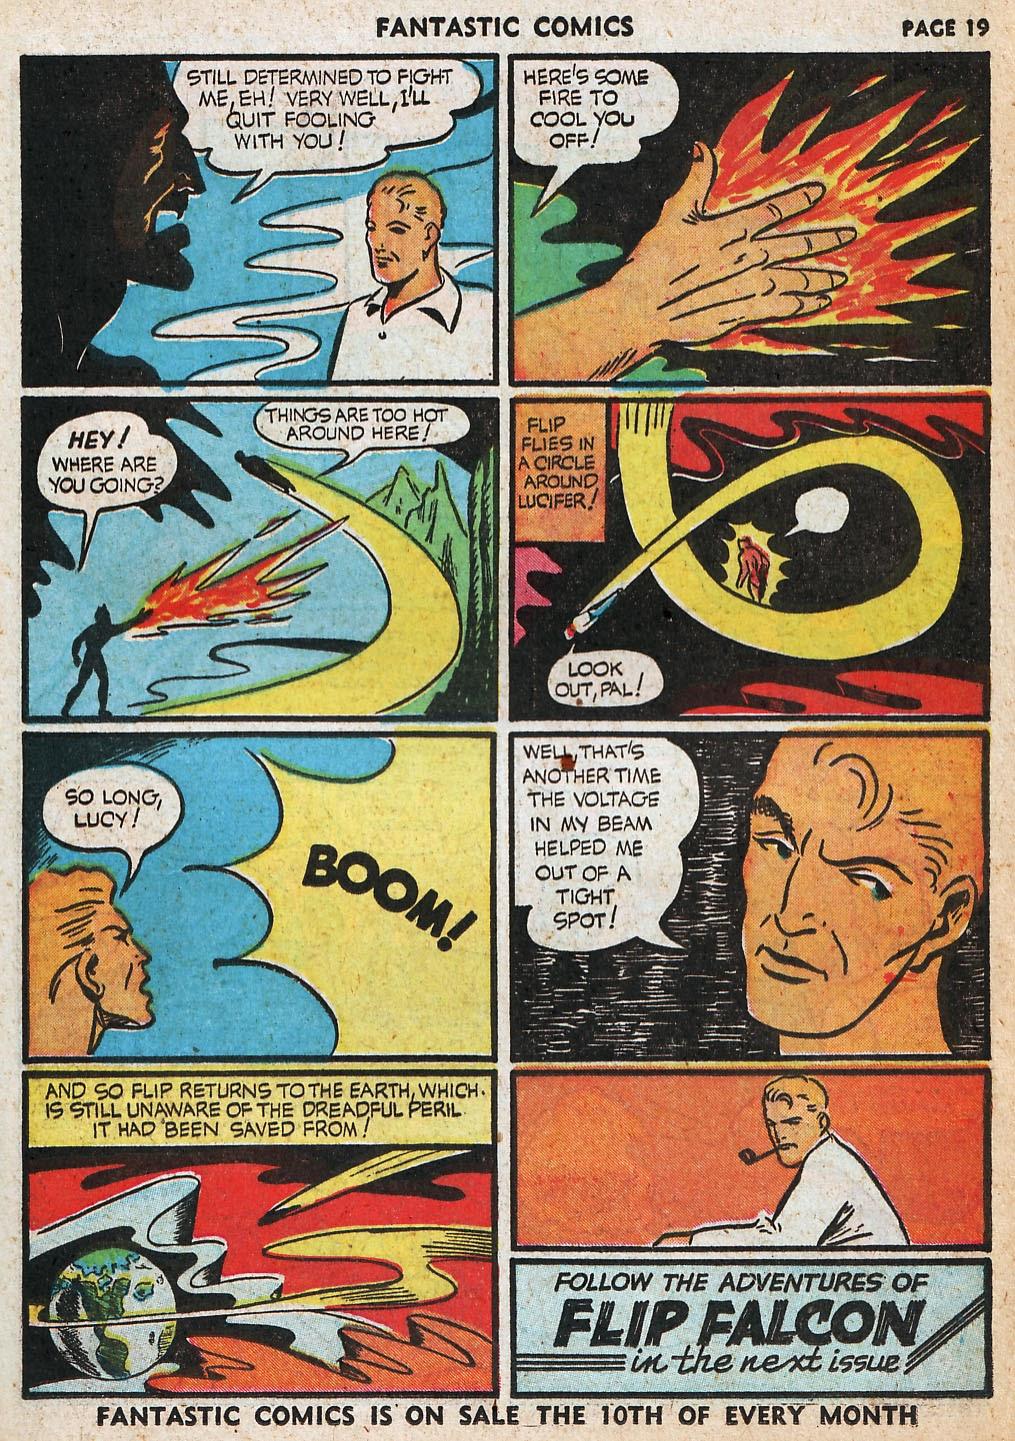 Read online Fantastic Comics comic -  Issue #20 - 20